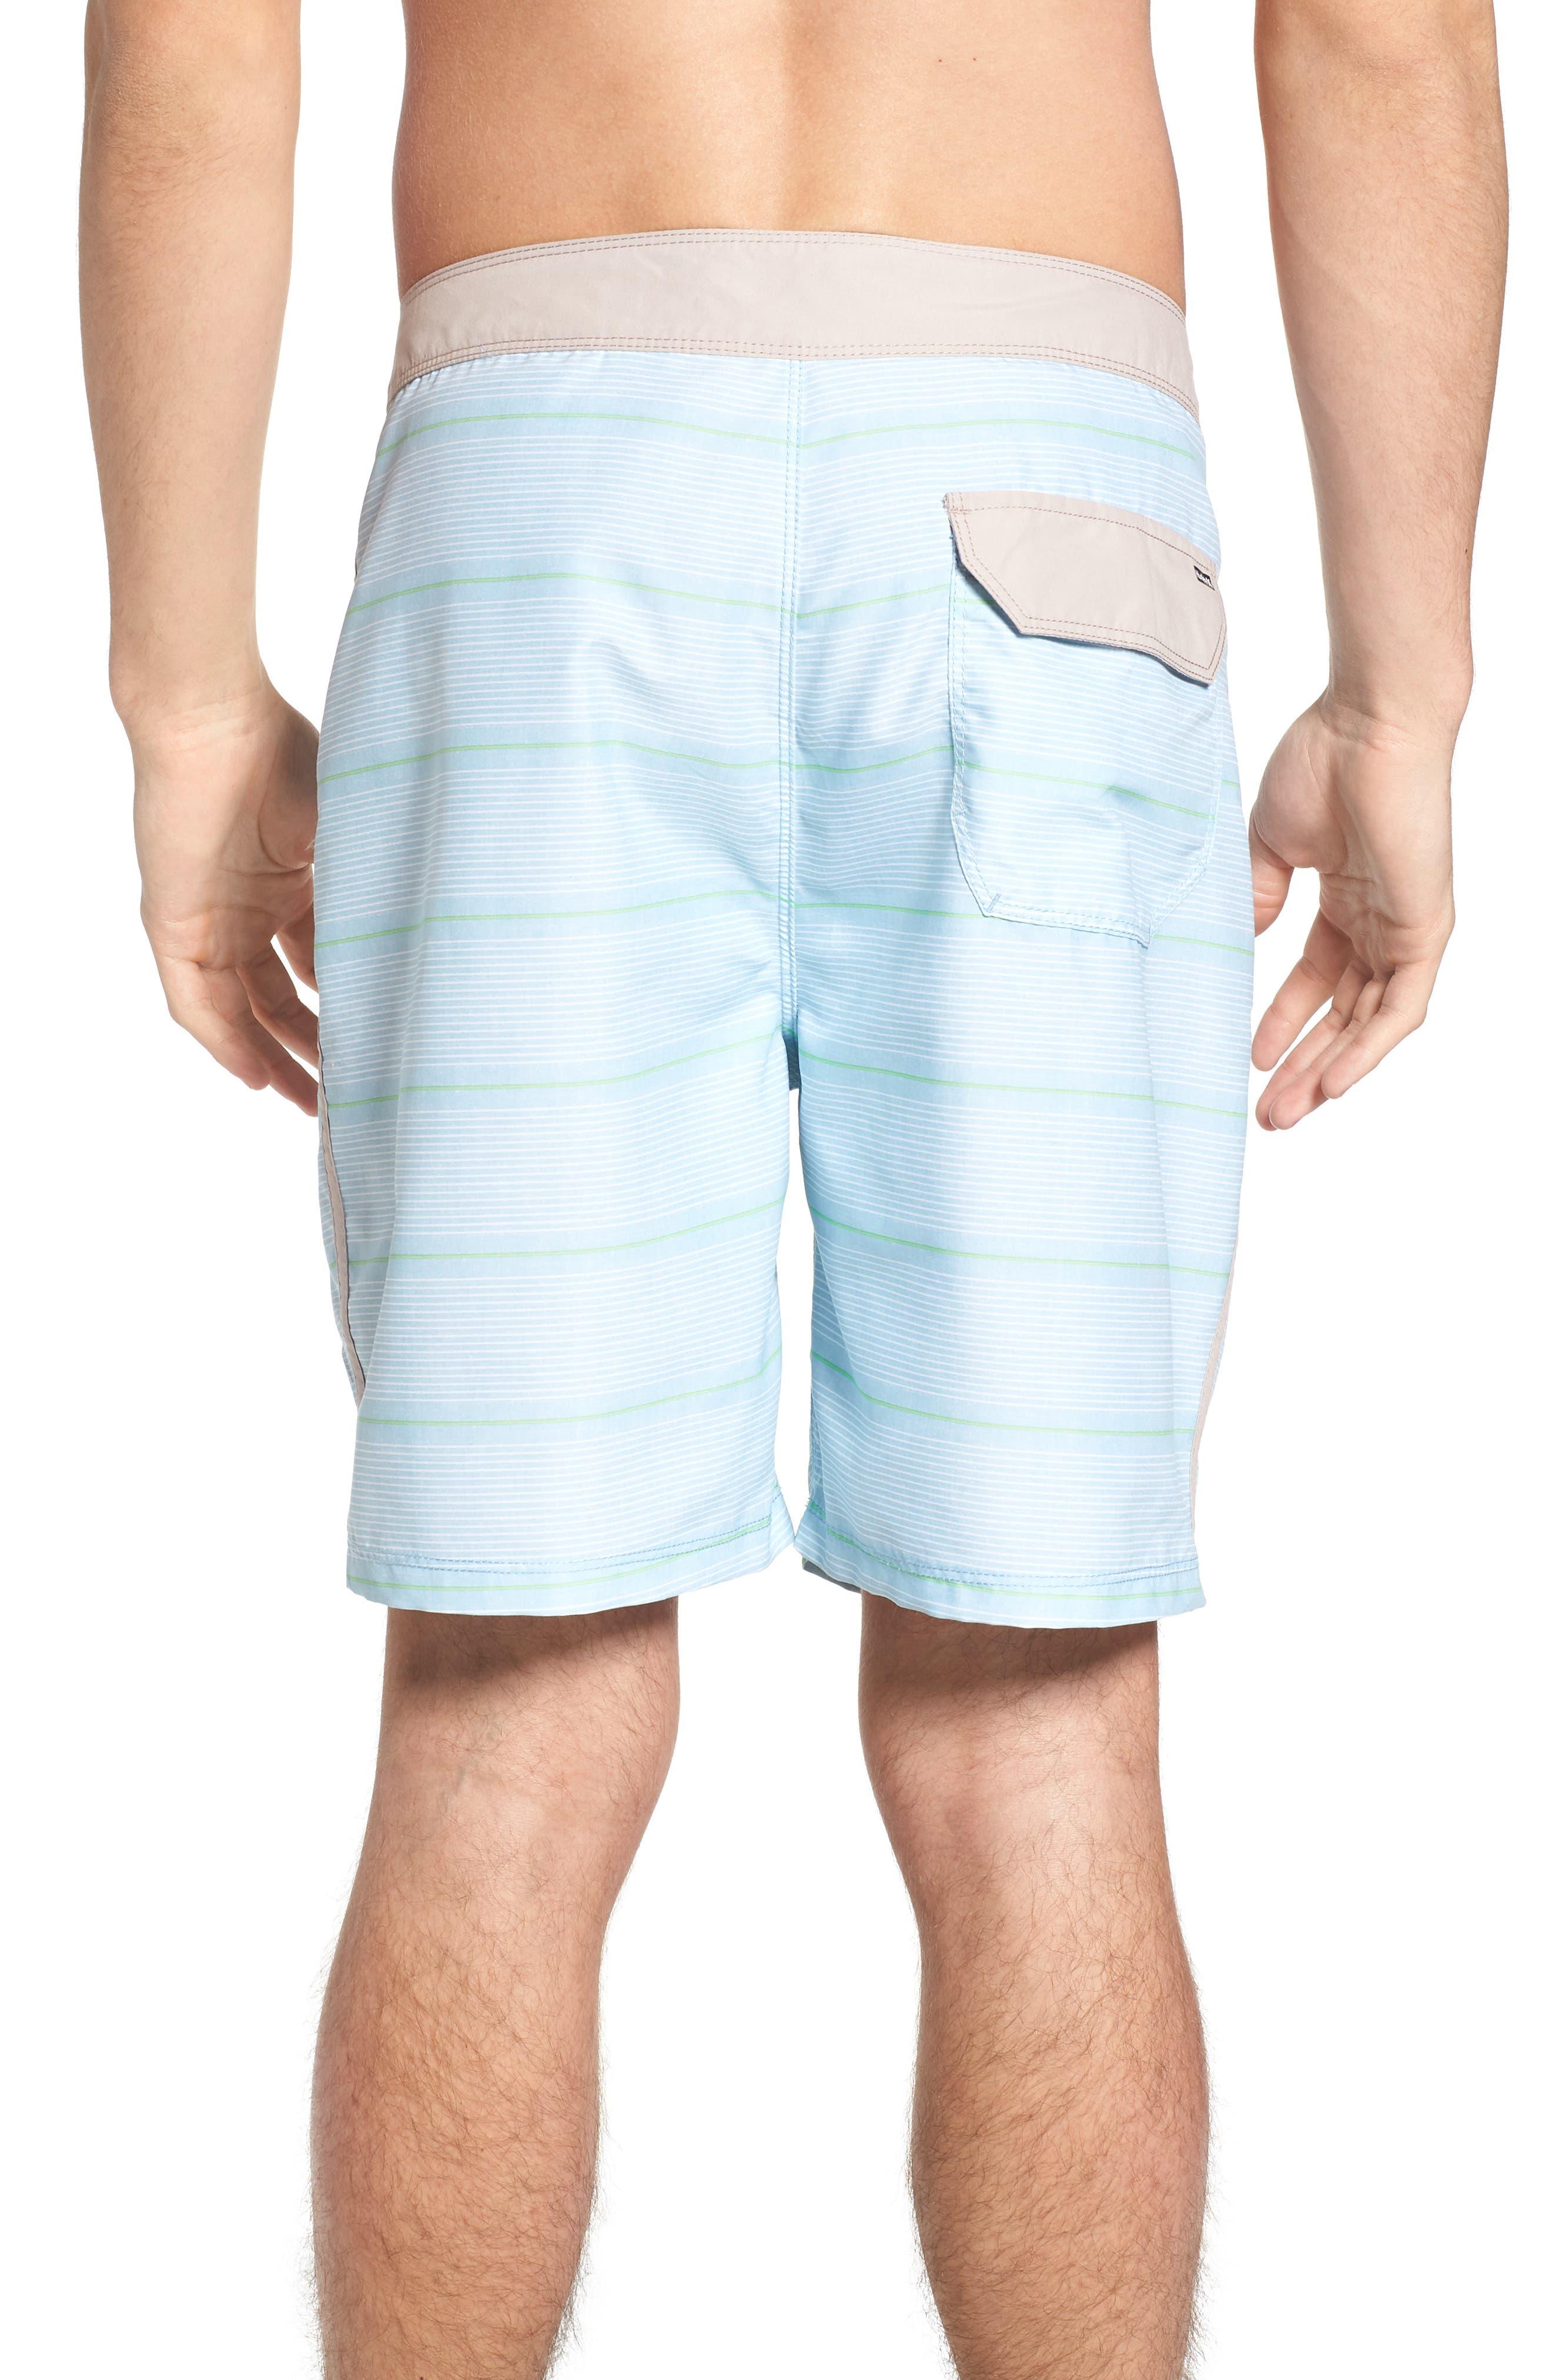 Shoreside Board Shorts,                             Alternate thumbnail 2, color,                             Ocean Bliss